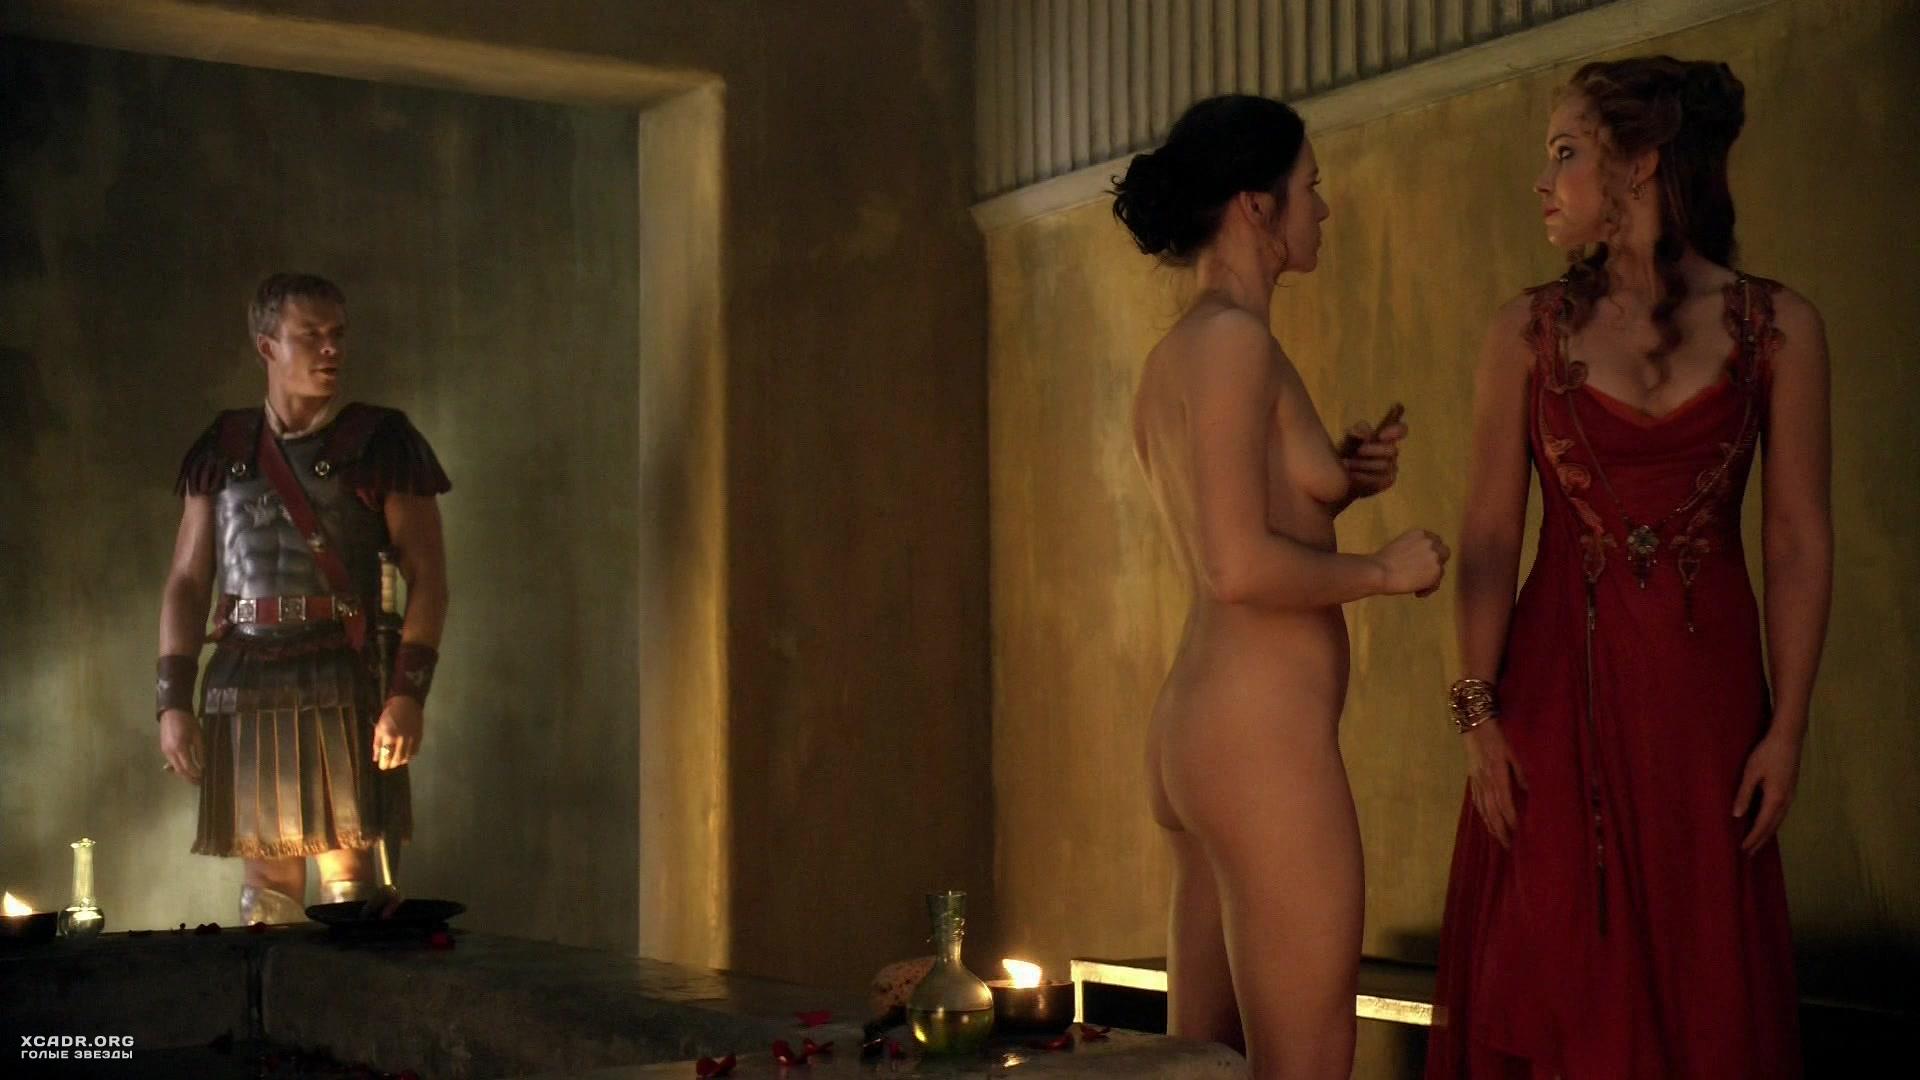 yami naked image